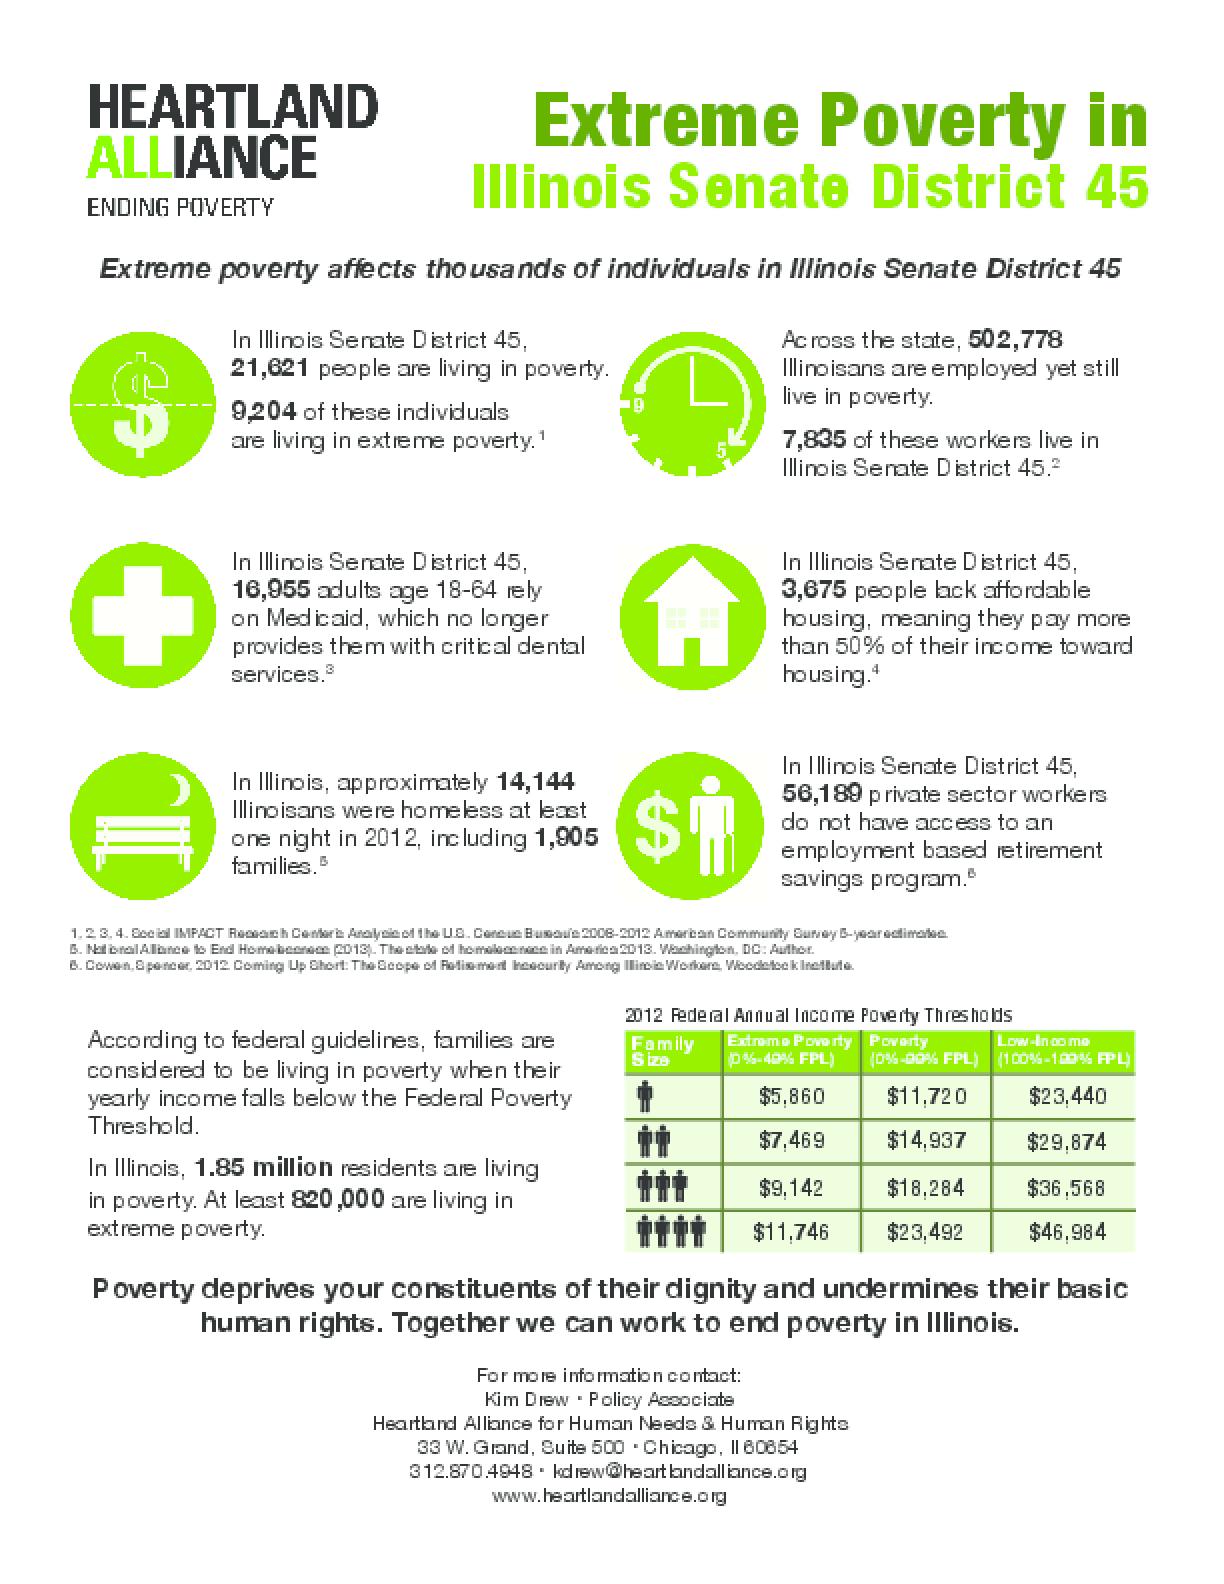 Poverty Fact Sheet for Illinois Senate District 45